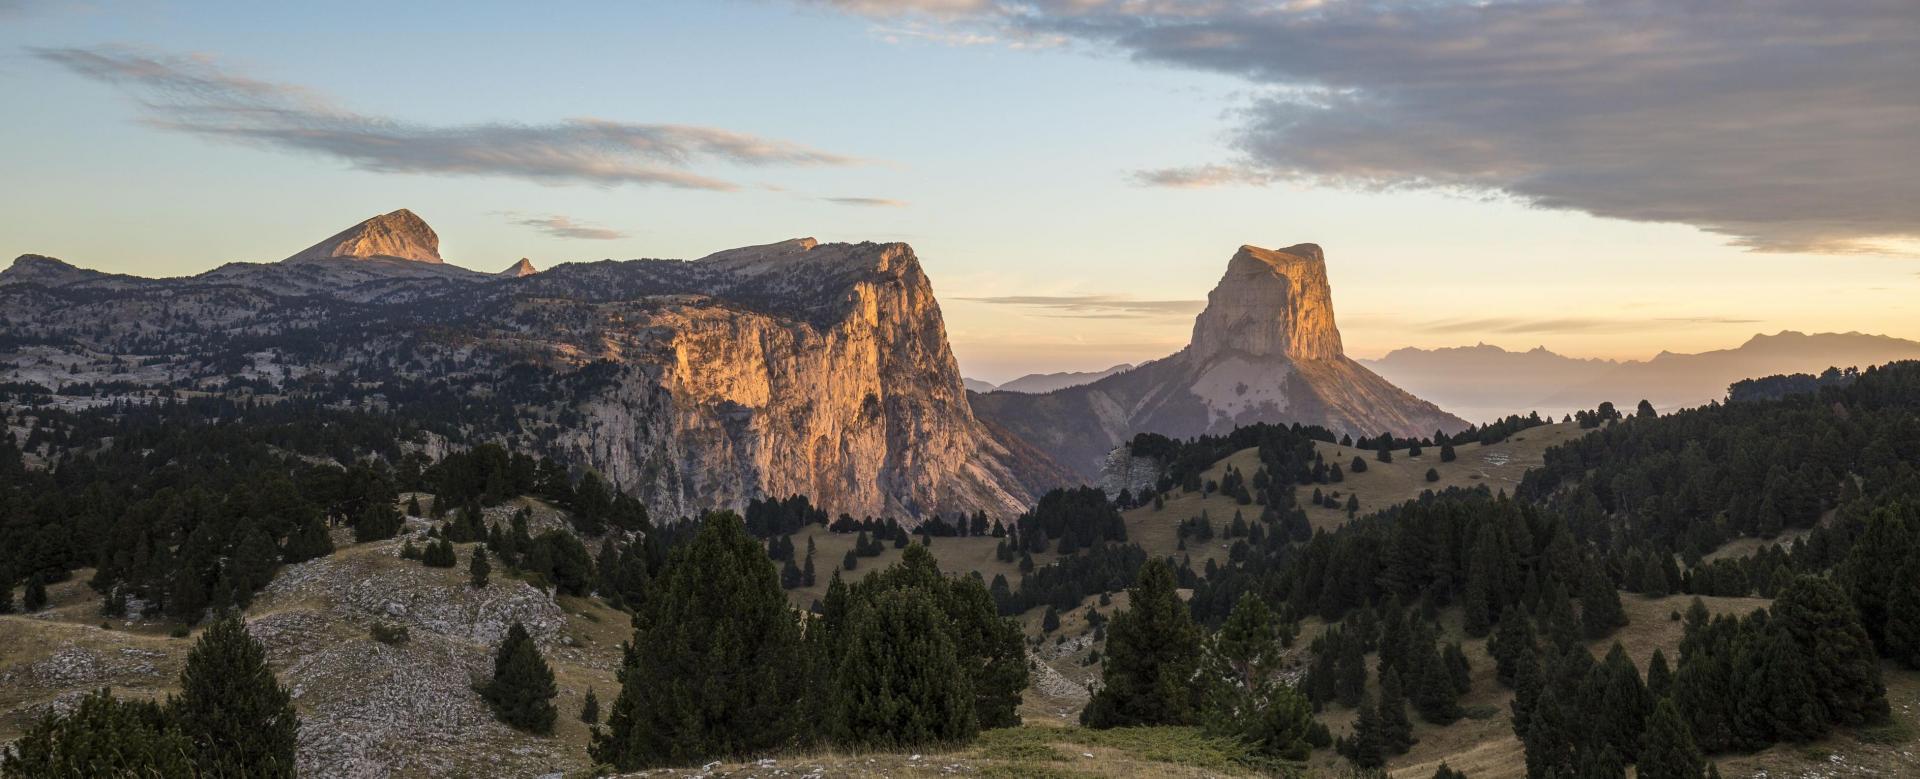 Voyage à pied : Vercors, mont aiguille et trésors du diois